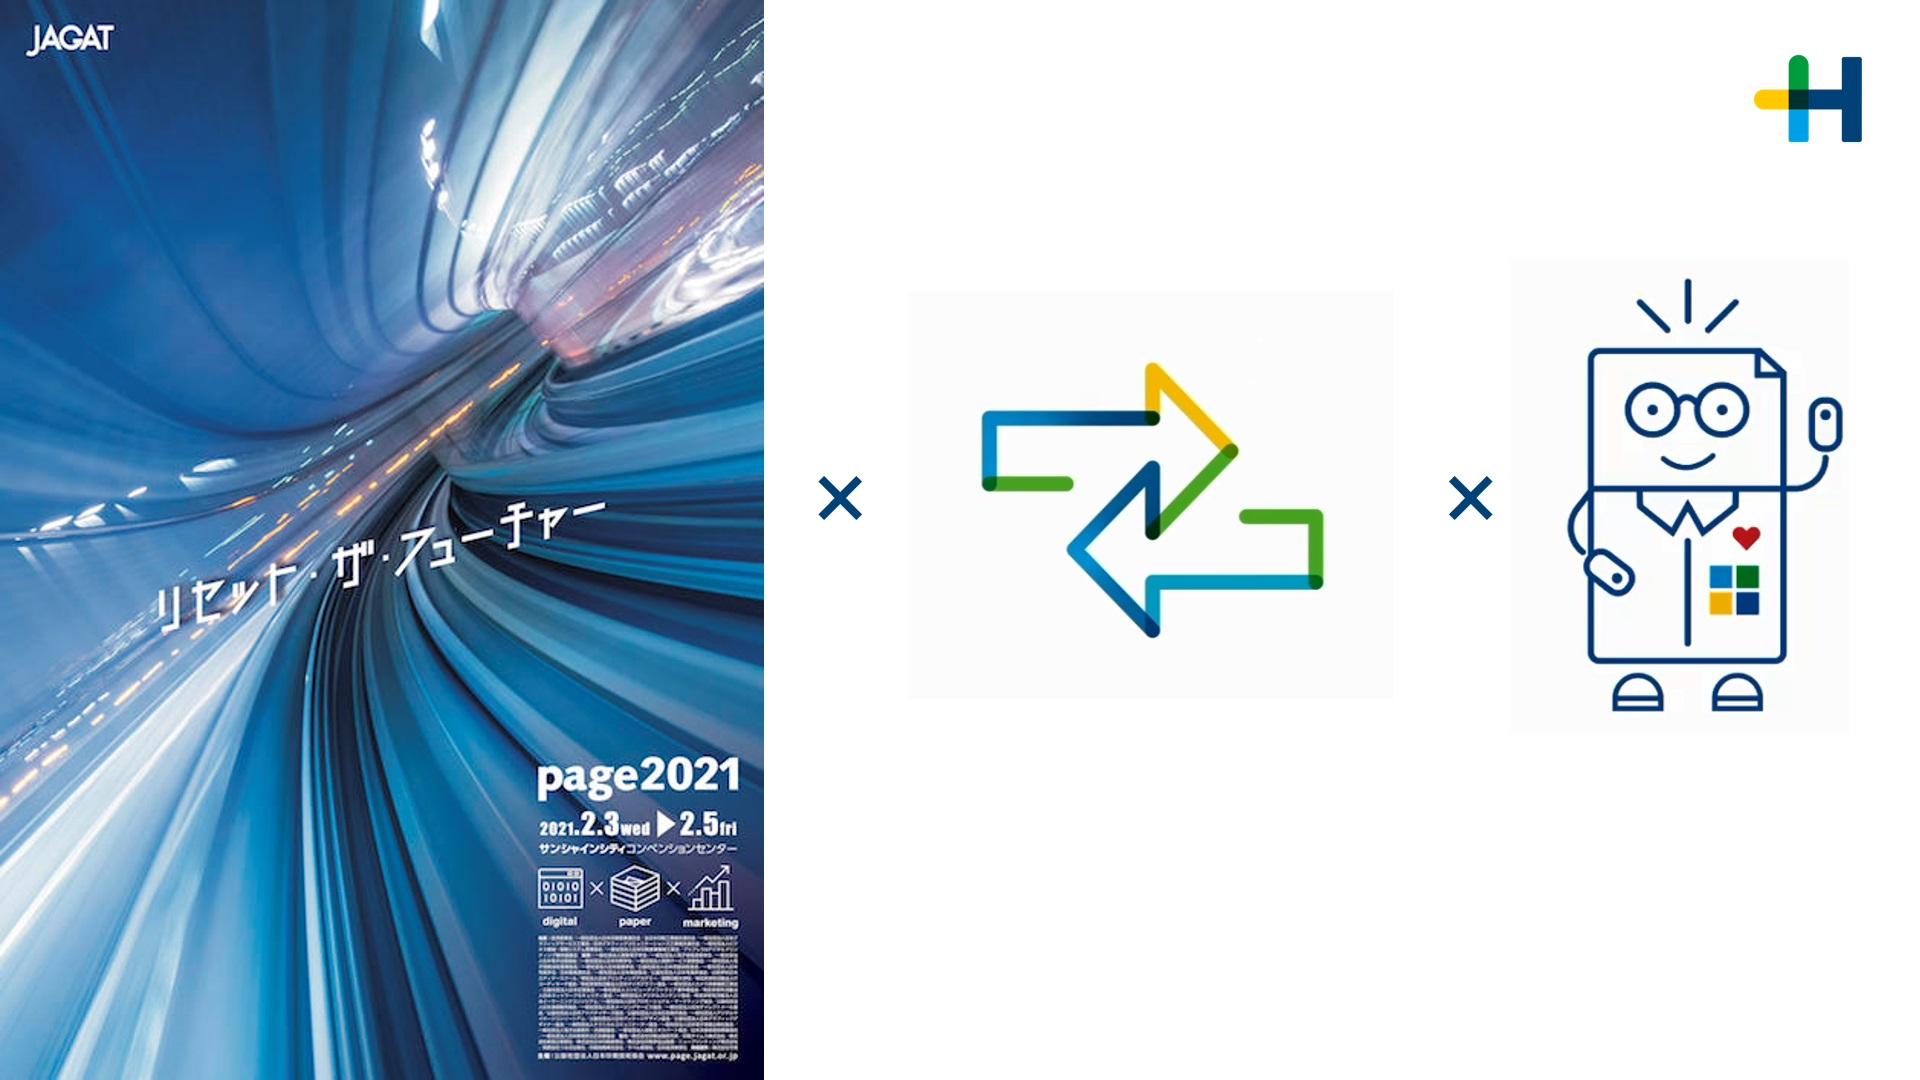 プレイバック page 2021 オンライン<BR>ハイデルベルグ・ジャパンブース